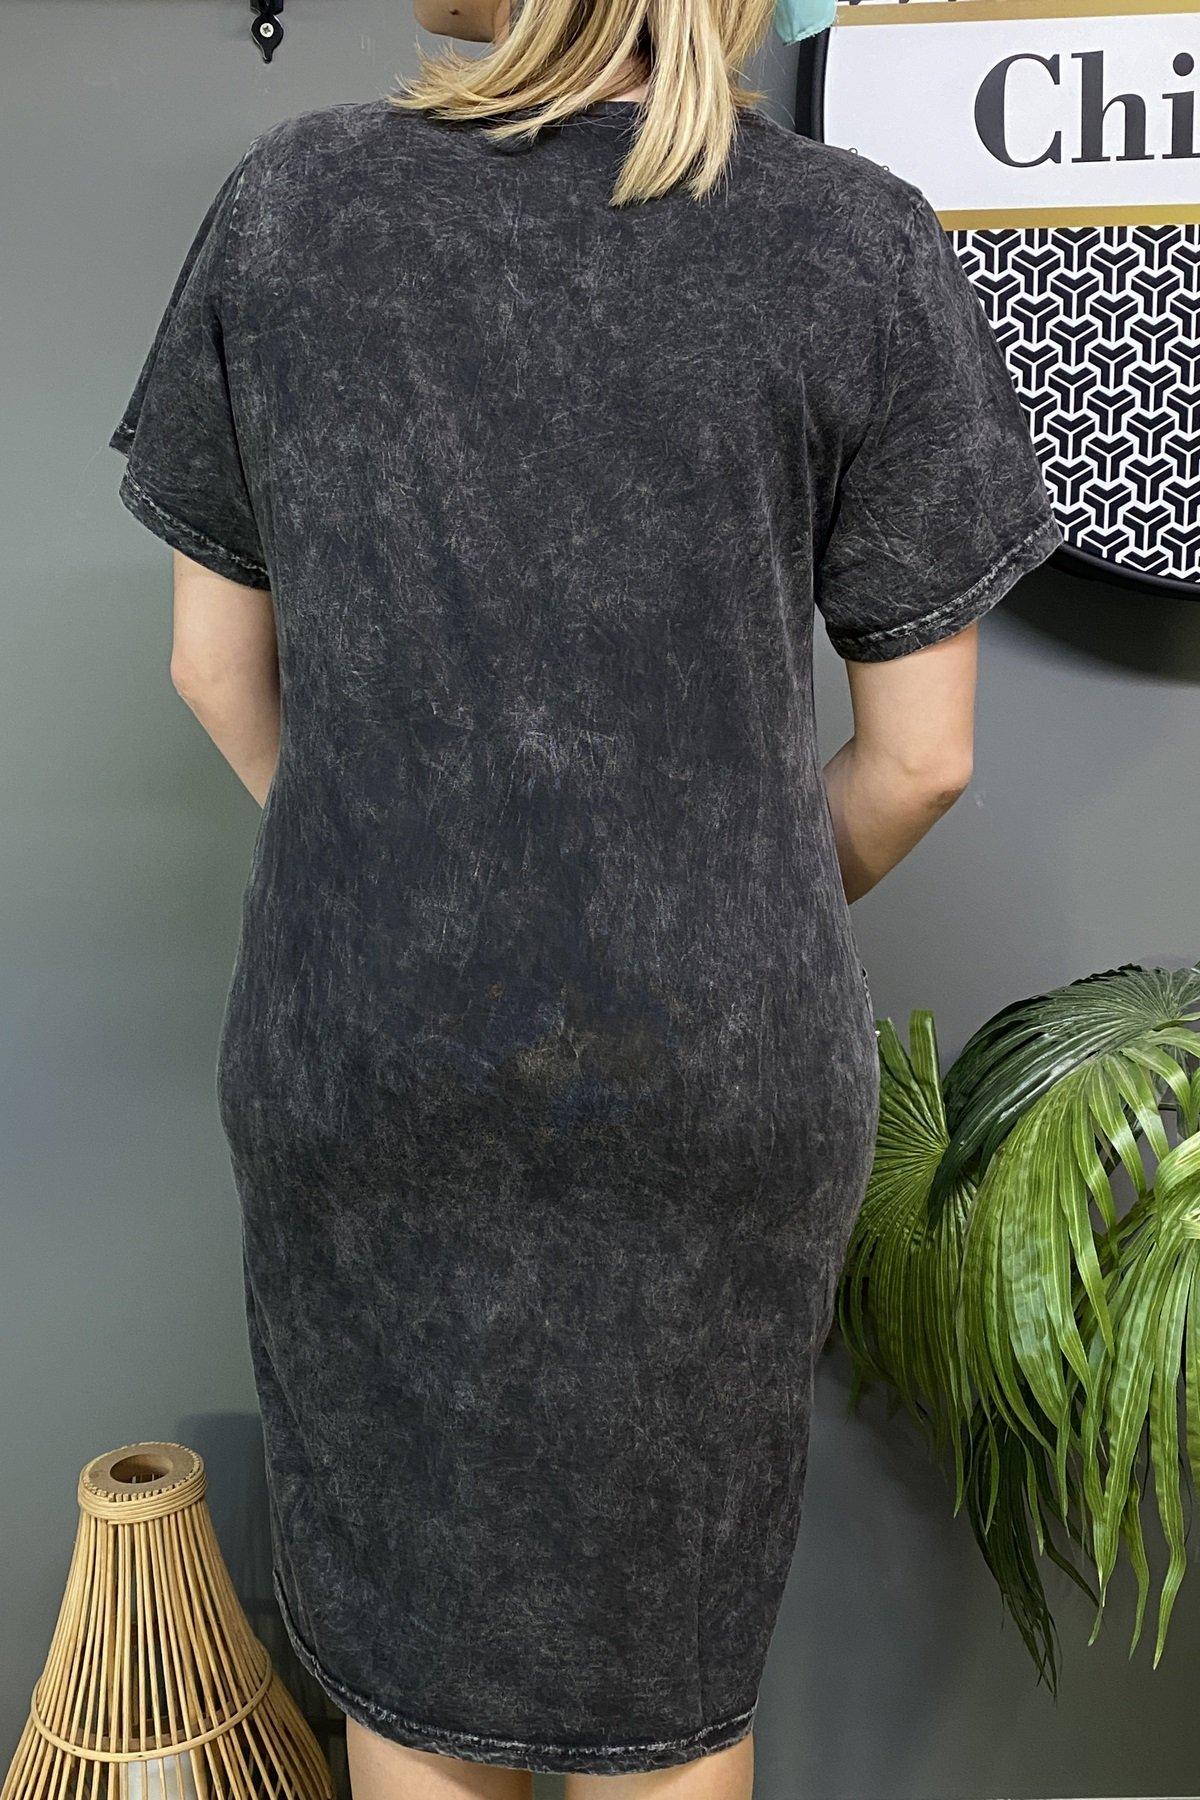 Sol Göğüs Üstü Payetli Omuz Üstü Taş Ve Boncuk  Çift Cepli Cep Üstü Boncuk Yuvarlak Yaka Elbise